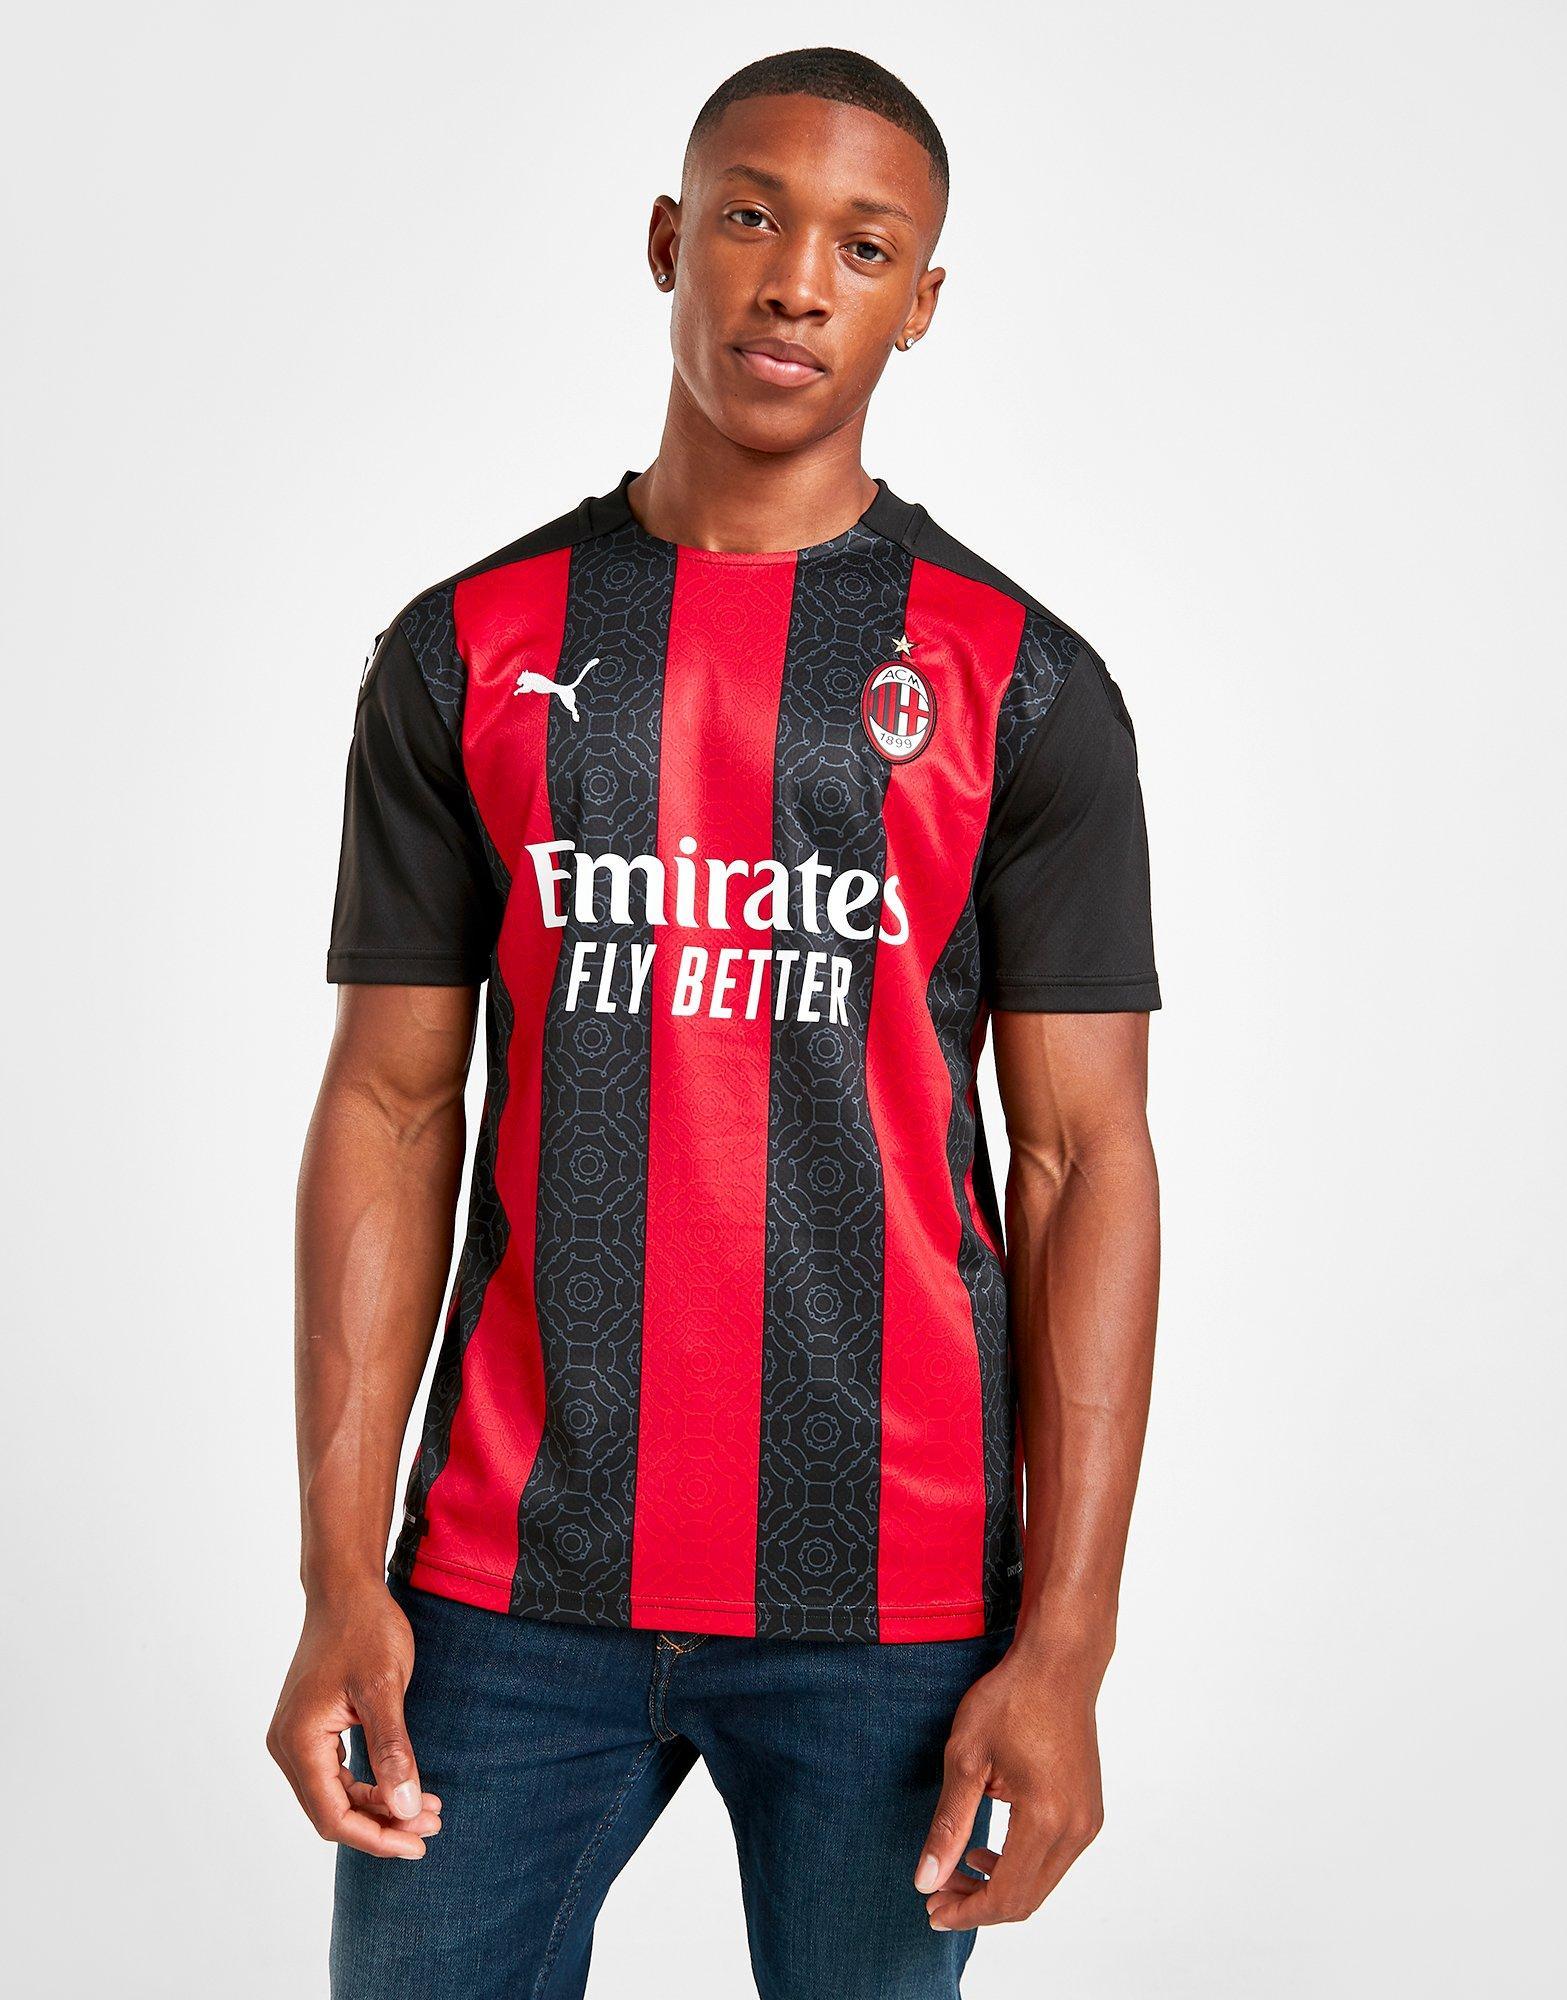 Buy Puma Ac Milan 2020 21 Home Shirt Jd Sports